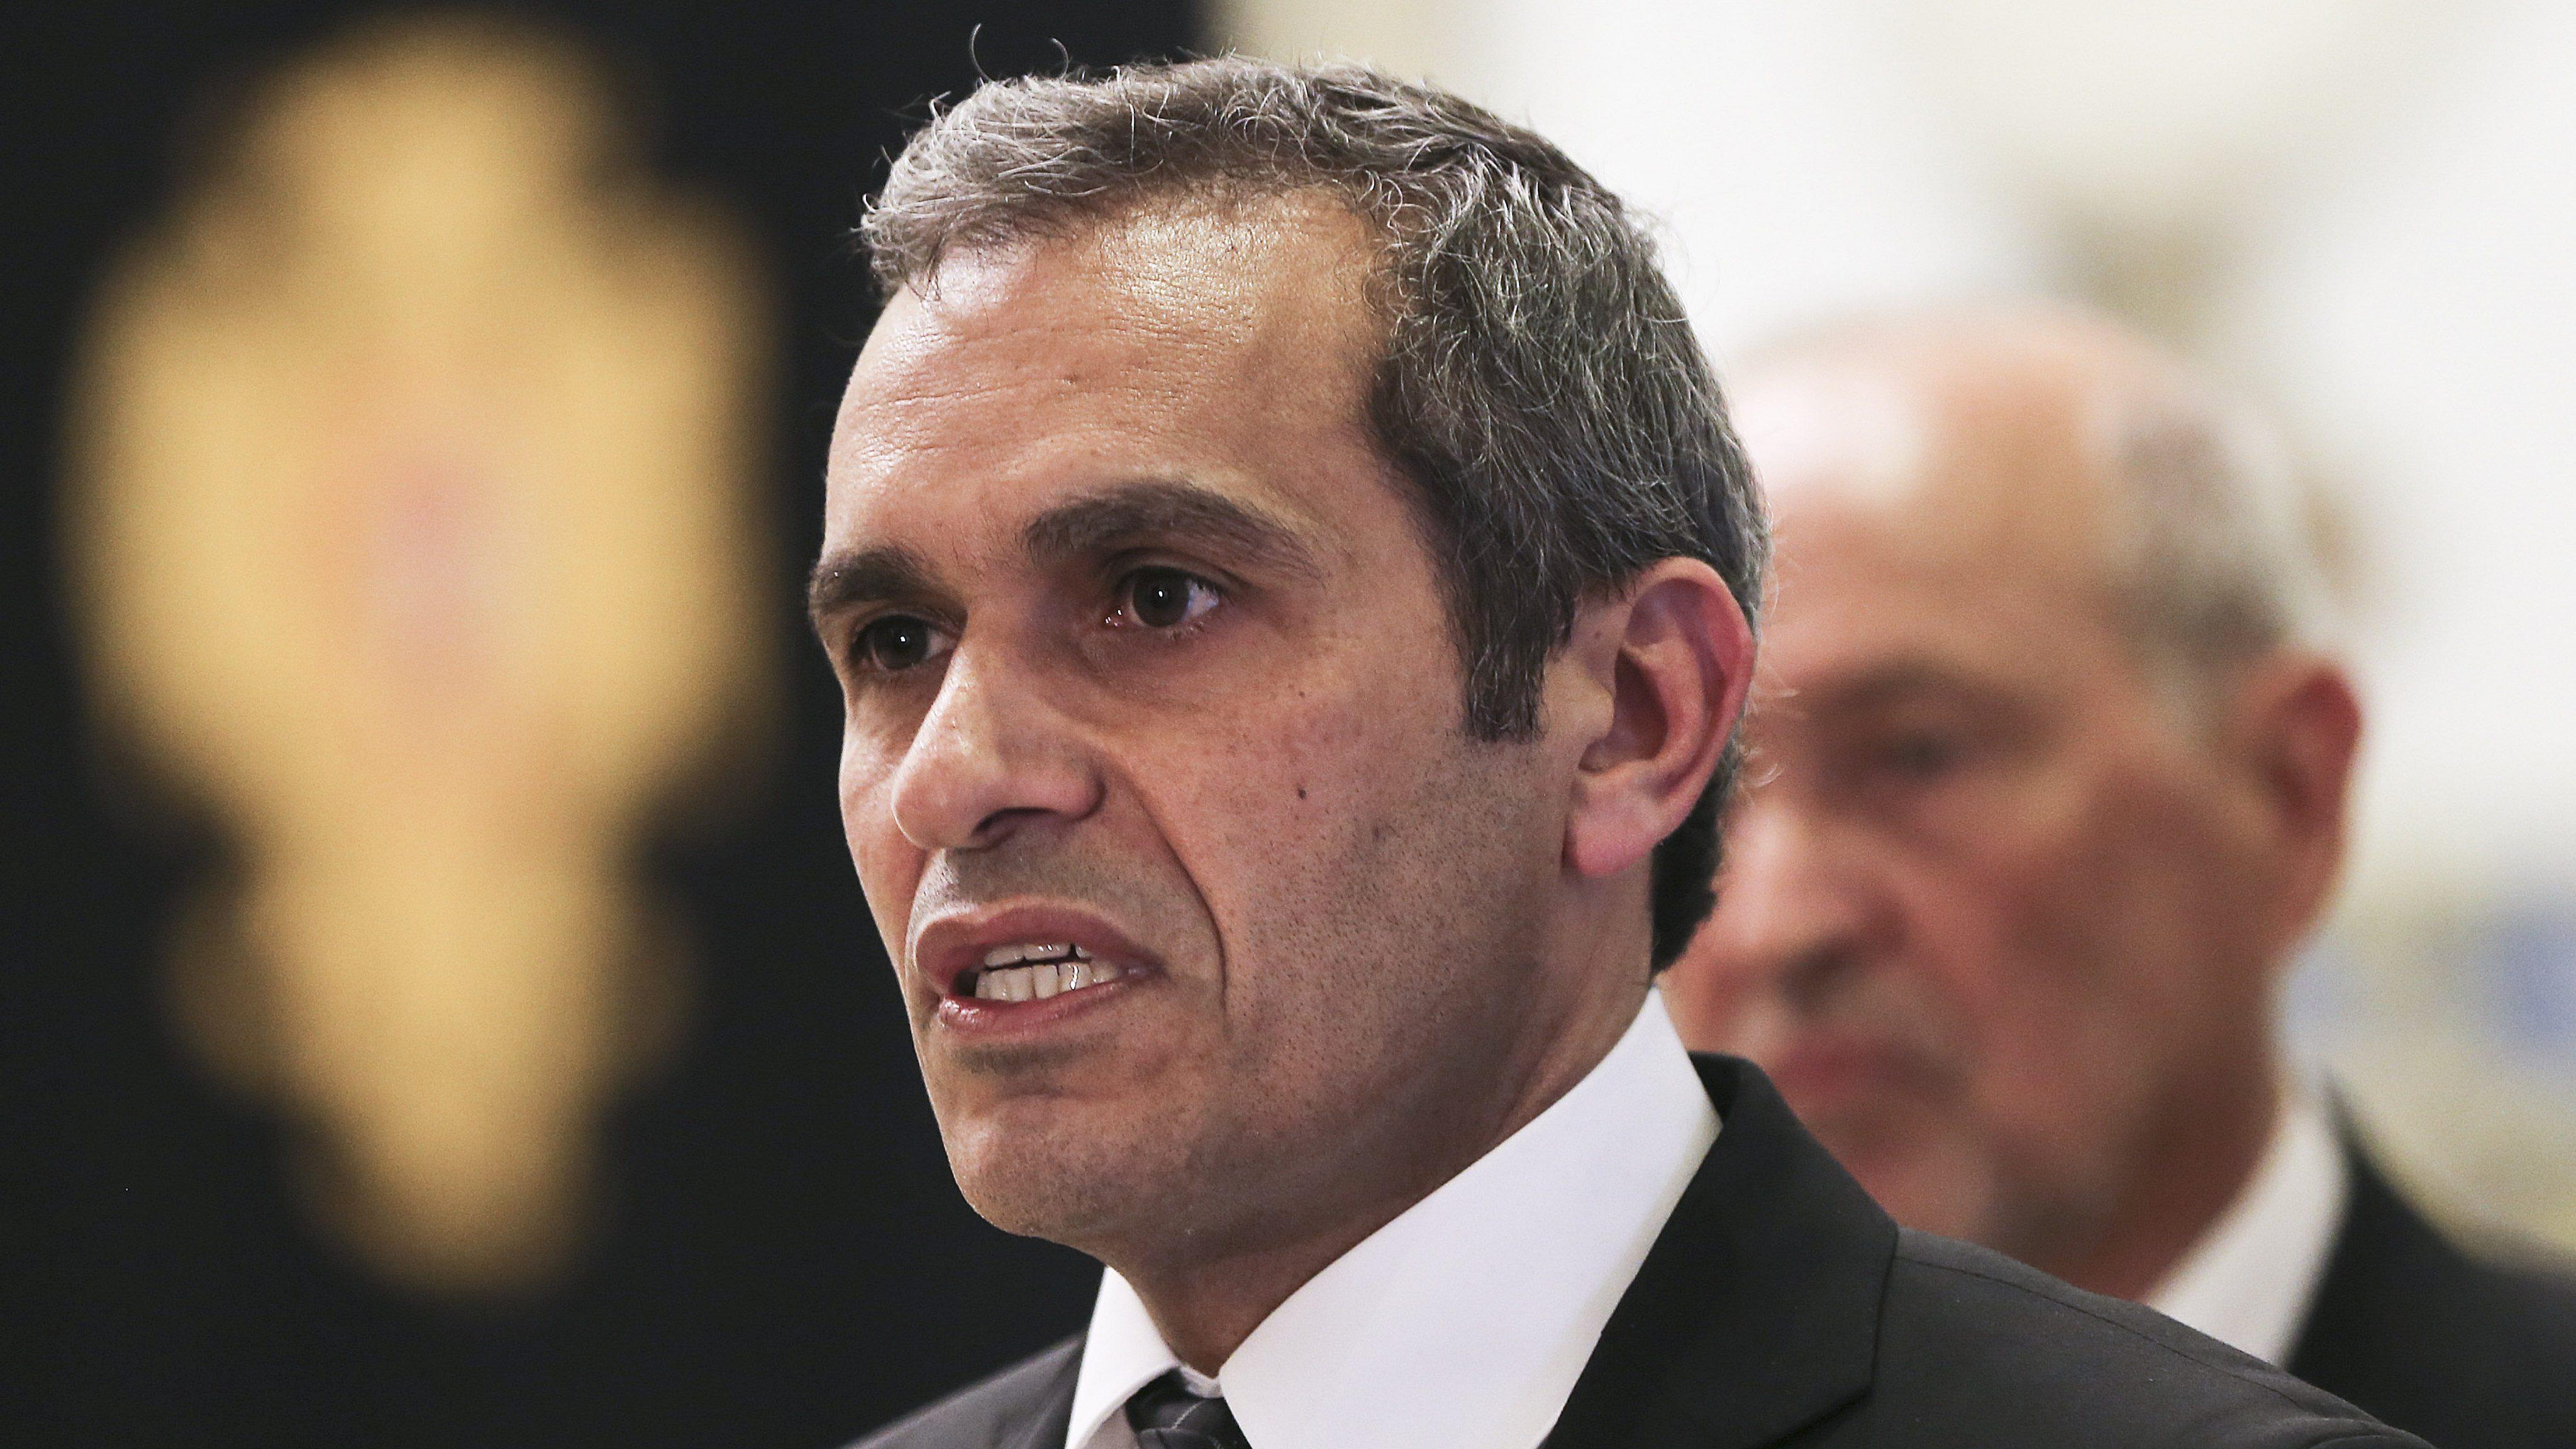 Nomeação de Carlos Pereira para a ERSE em risco de chumbo no Parlamento